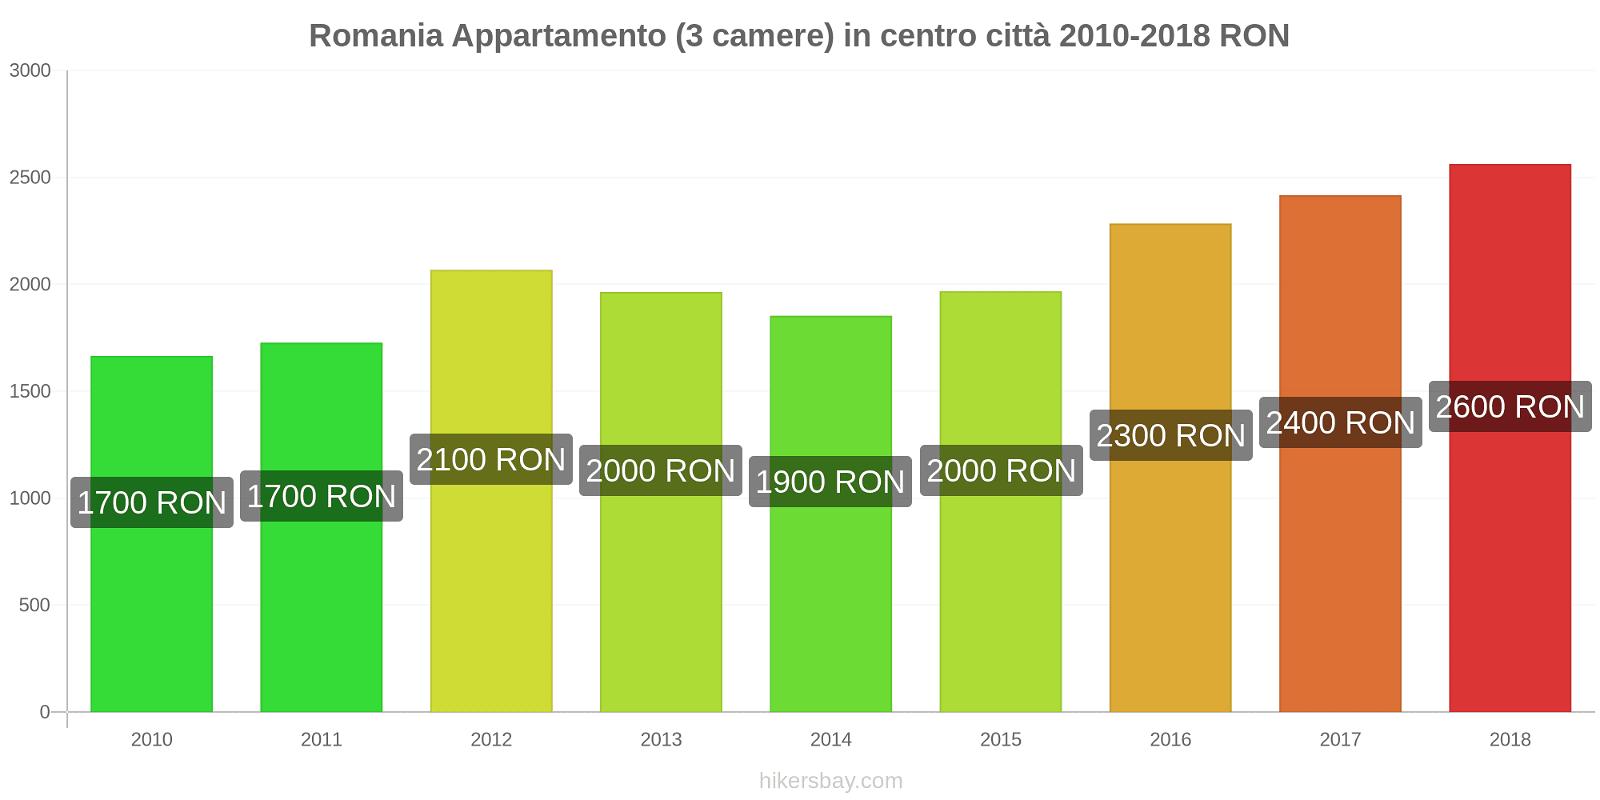 Romania variazioni di prezzo Appartamento (3 camere) in centro città hikersbay.com